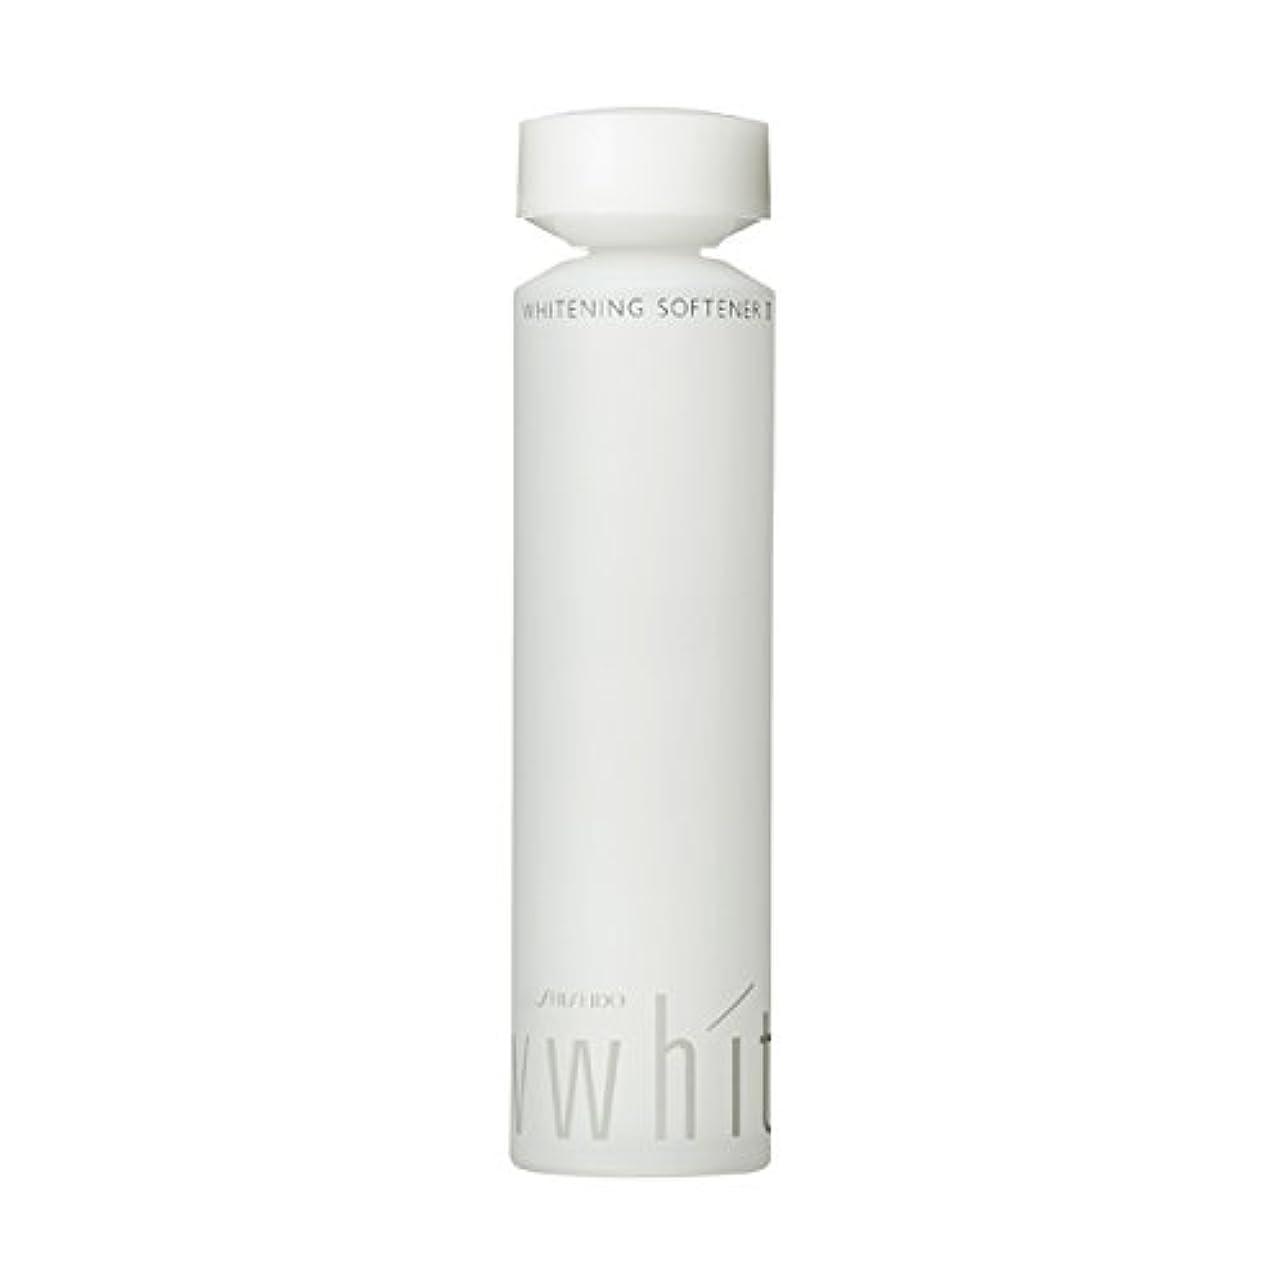 ナラーバー除去食欲UVホワイト ホワイトニング ソフナー 2 150mL [医薬部外品]